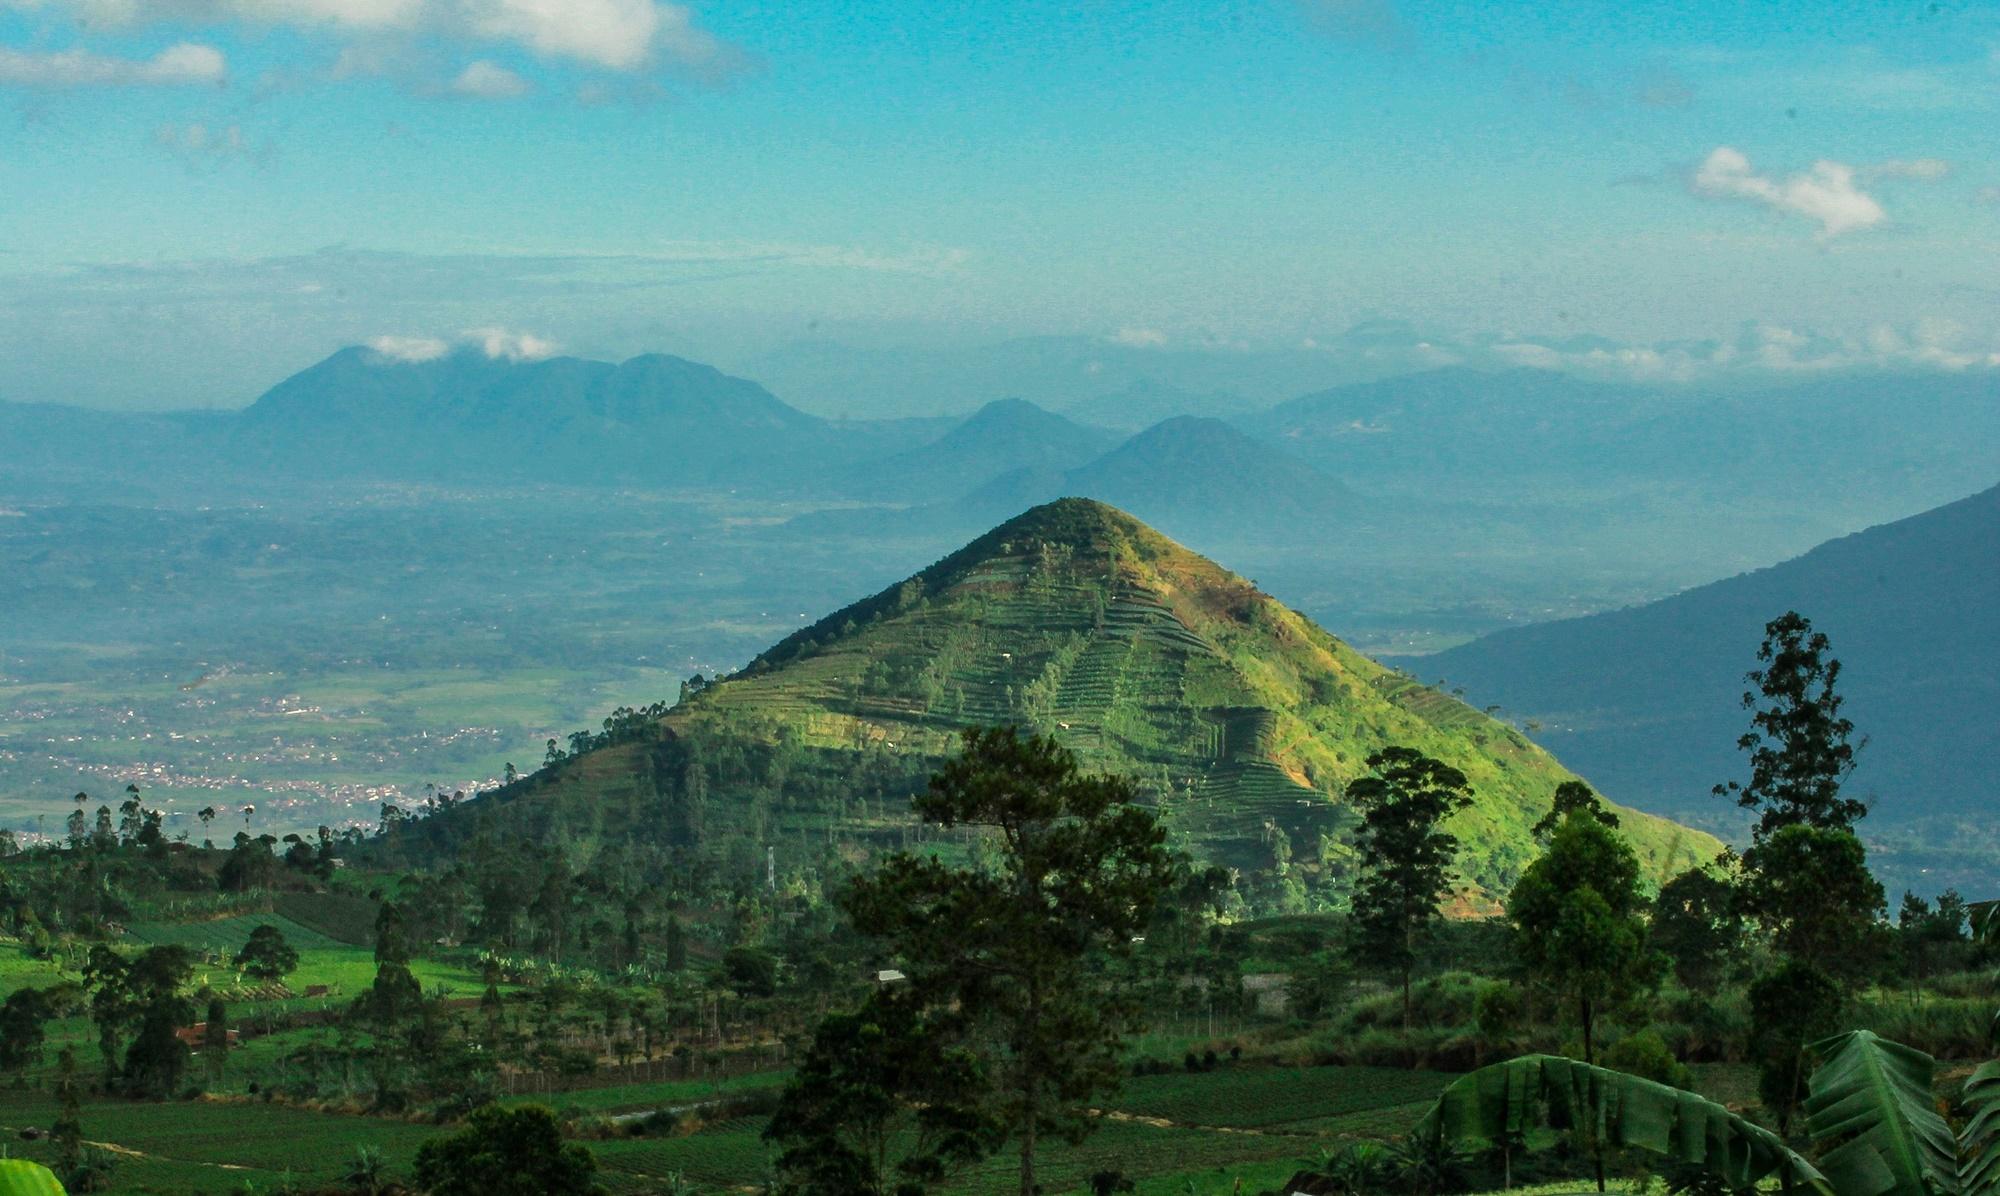 Lanskap Gunung Sadahurip